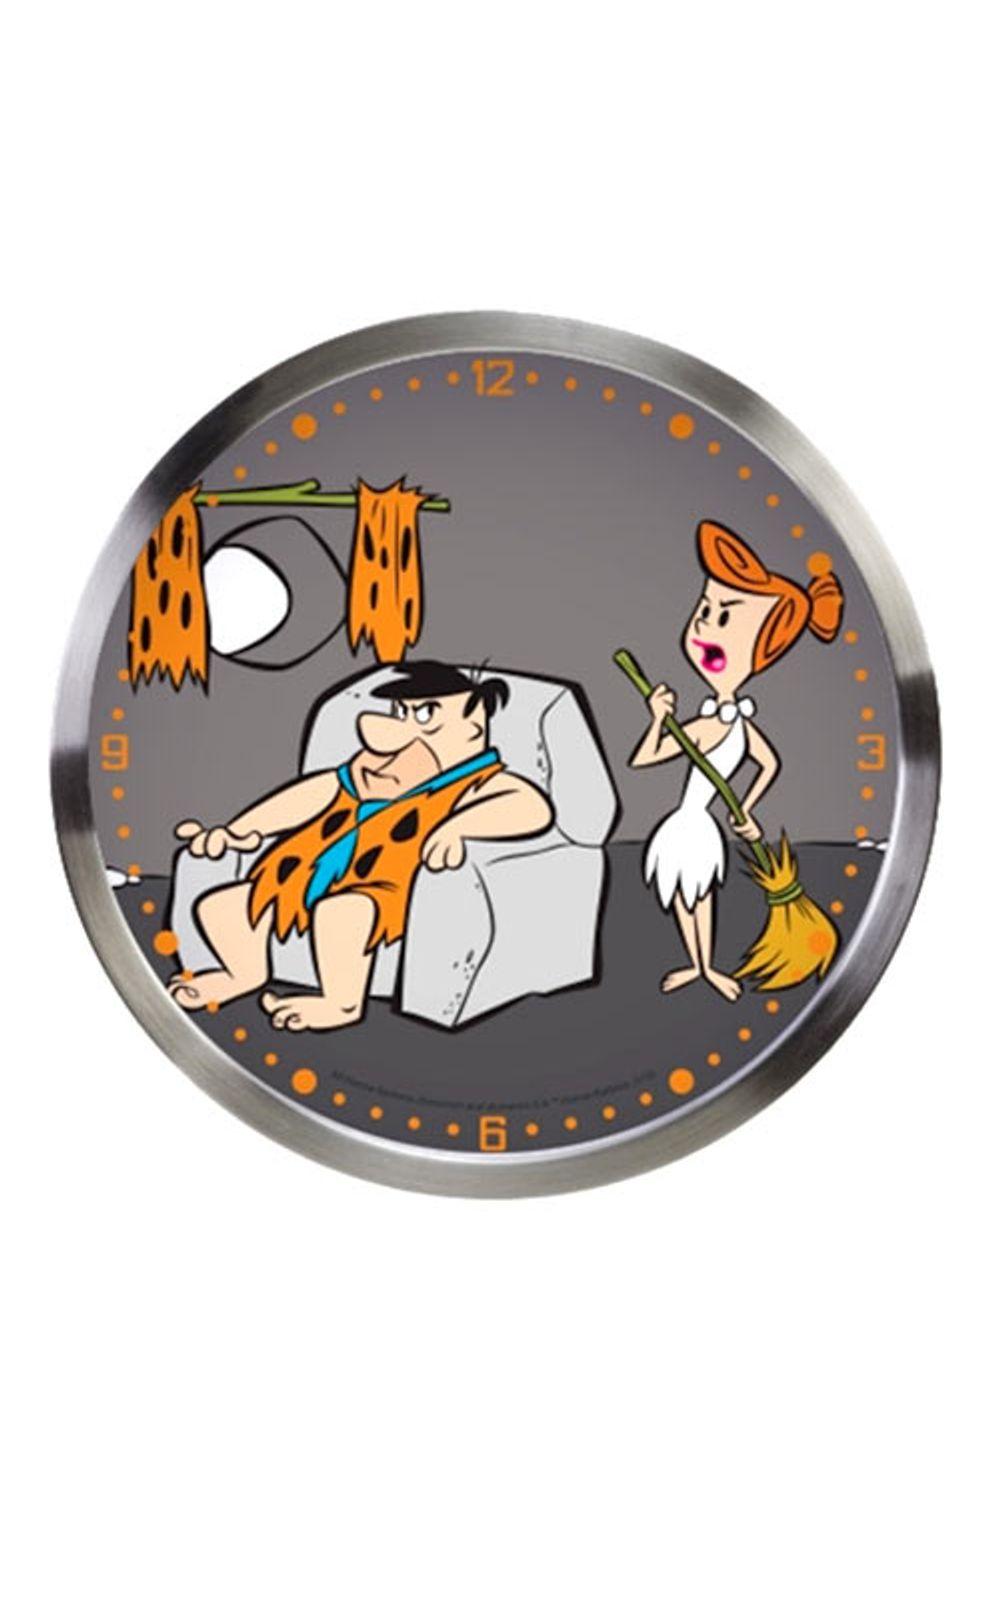 Foto 1 - Relogio de Parede Vilma e Fred Flintstones